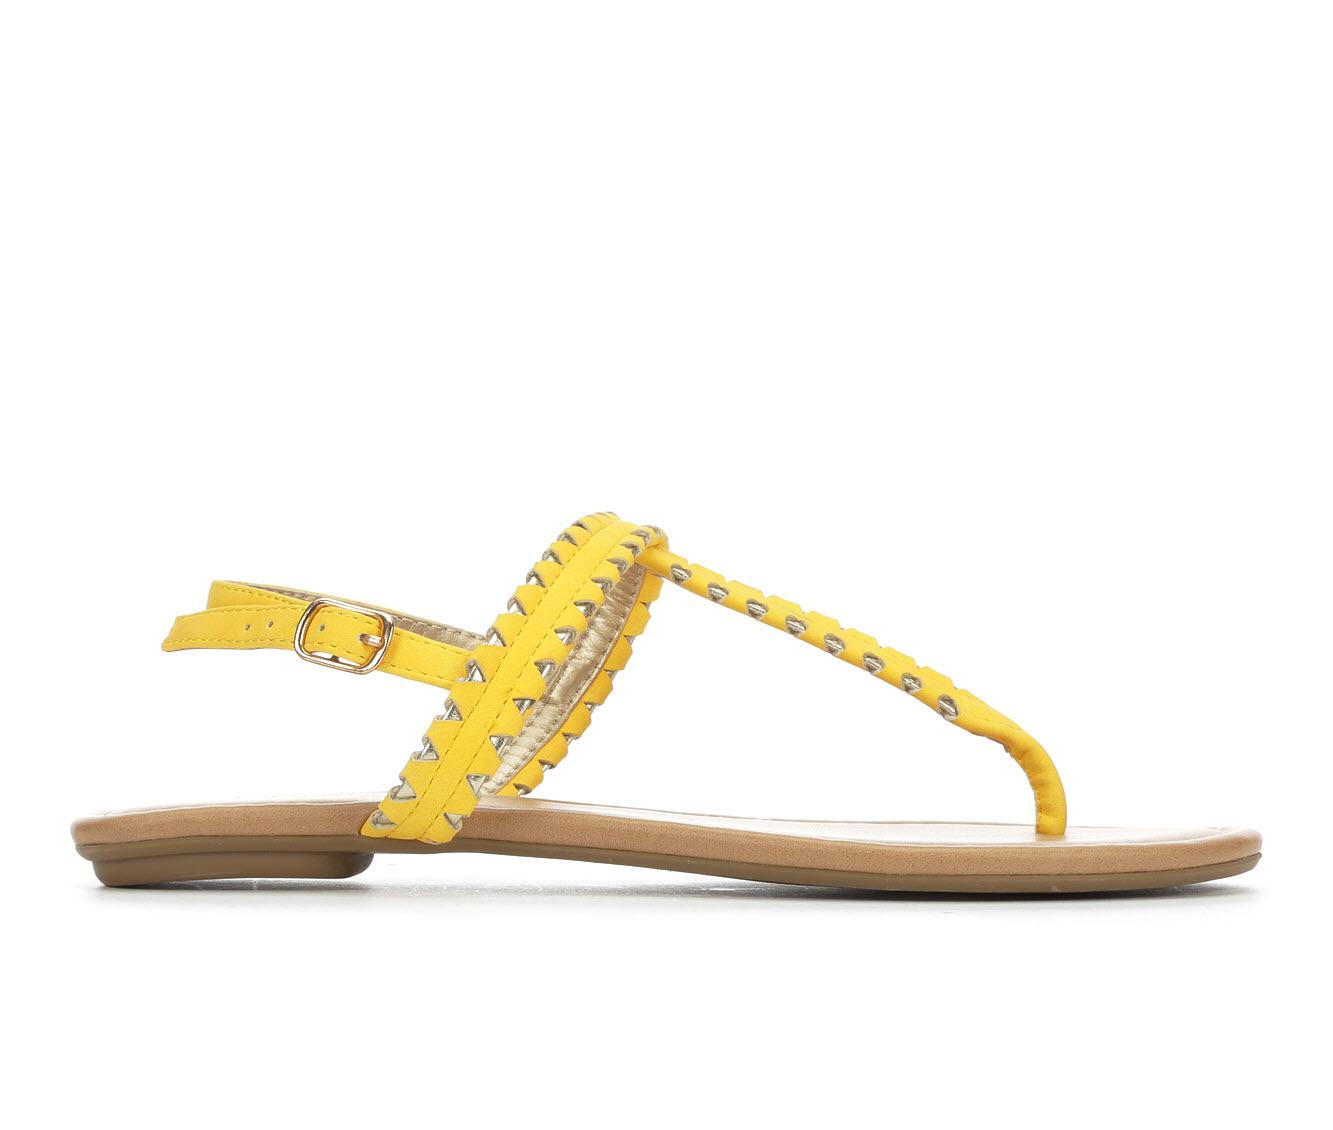 Y-Not Josie Women's Sandal (Yellow Faux Leather)